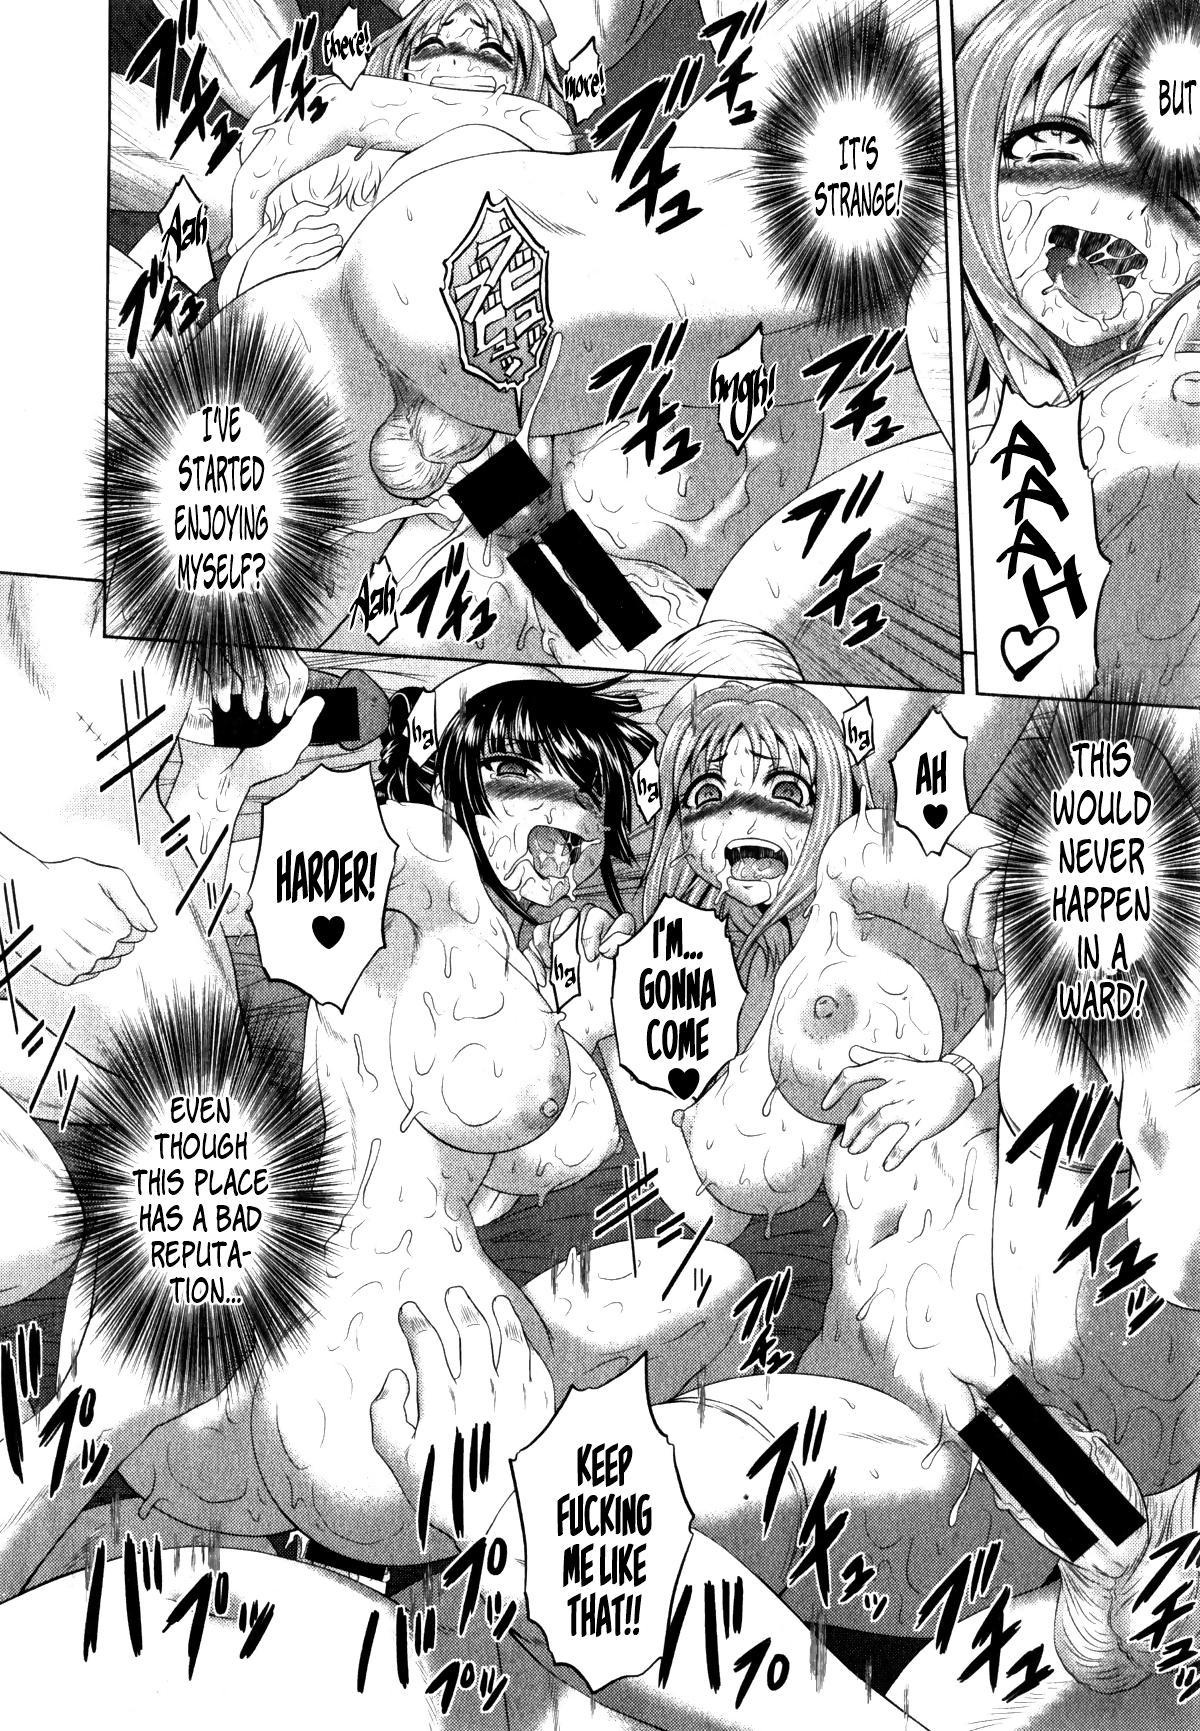 [Kaname Aomame] Youkoso Yosakura Byouin e - Kuroi Nurse no Nichijou   Welcome to Yosakura Hospital - The Daily Life of Nurse Kuroi (COMIC Shingeki 2014-11) [English] [B.E.C. Scans] 39